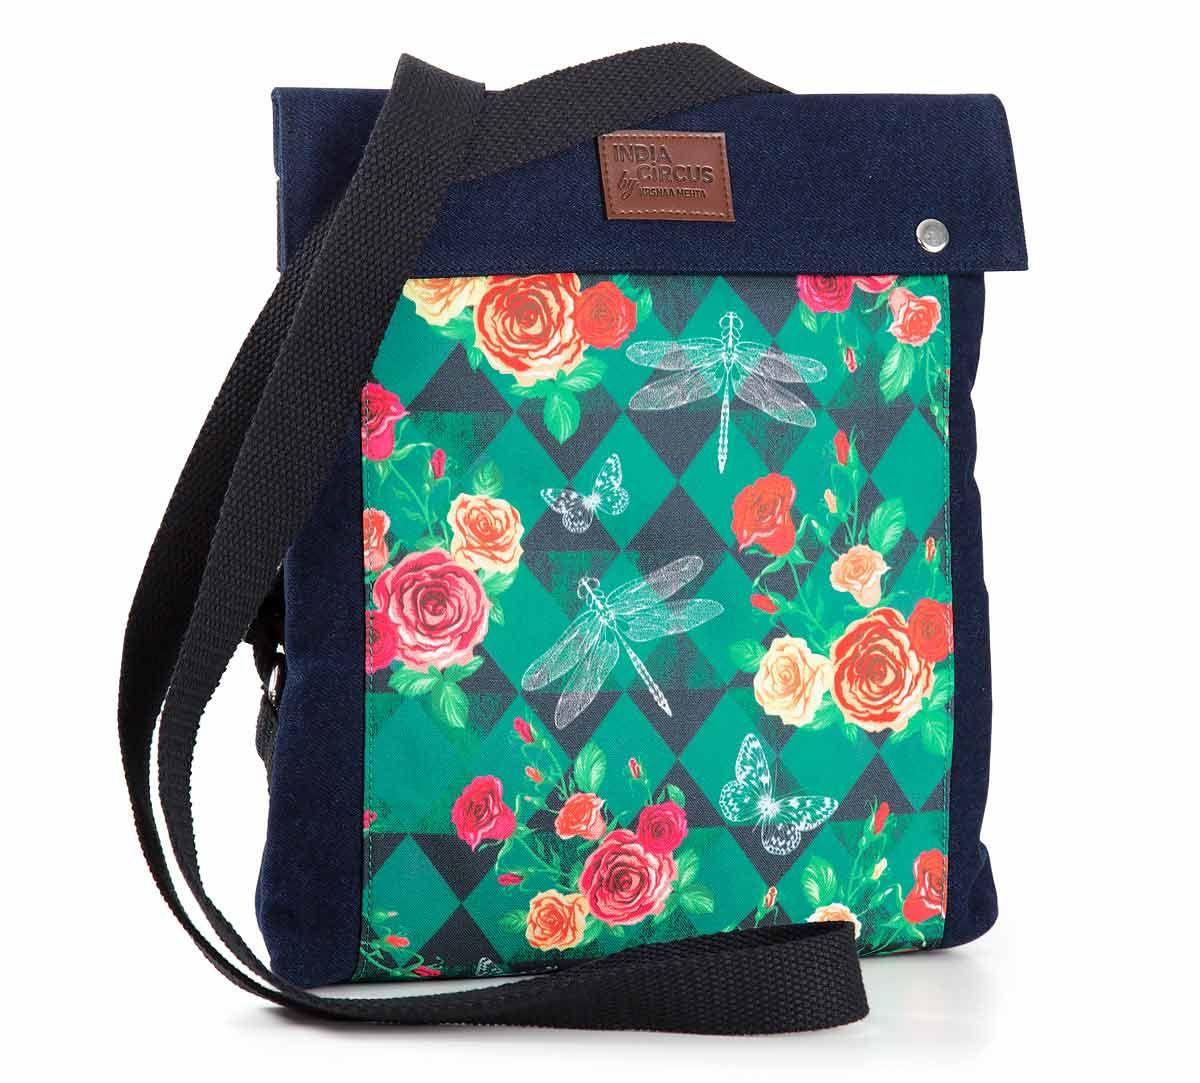 India Circus Floral Flutter Sling Denim Backpack